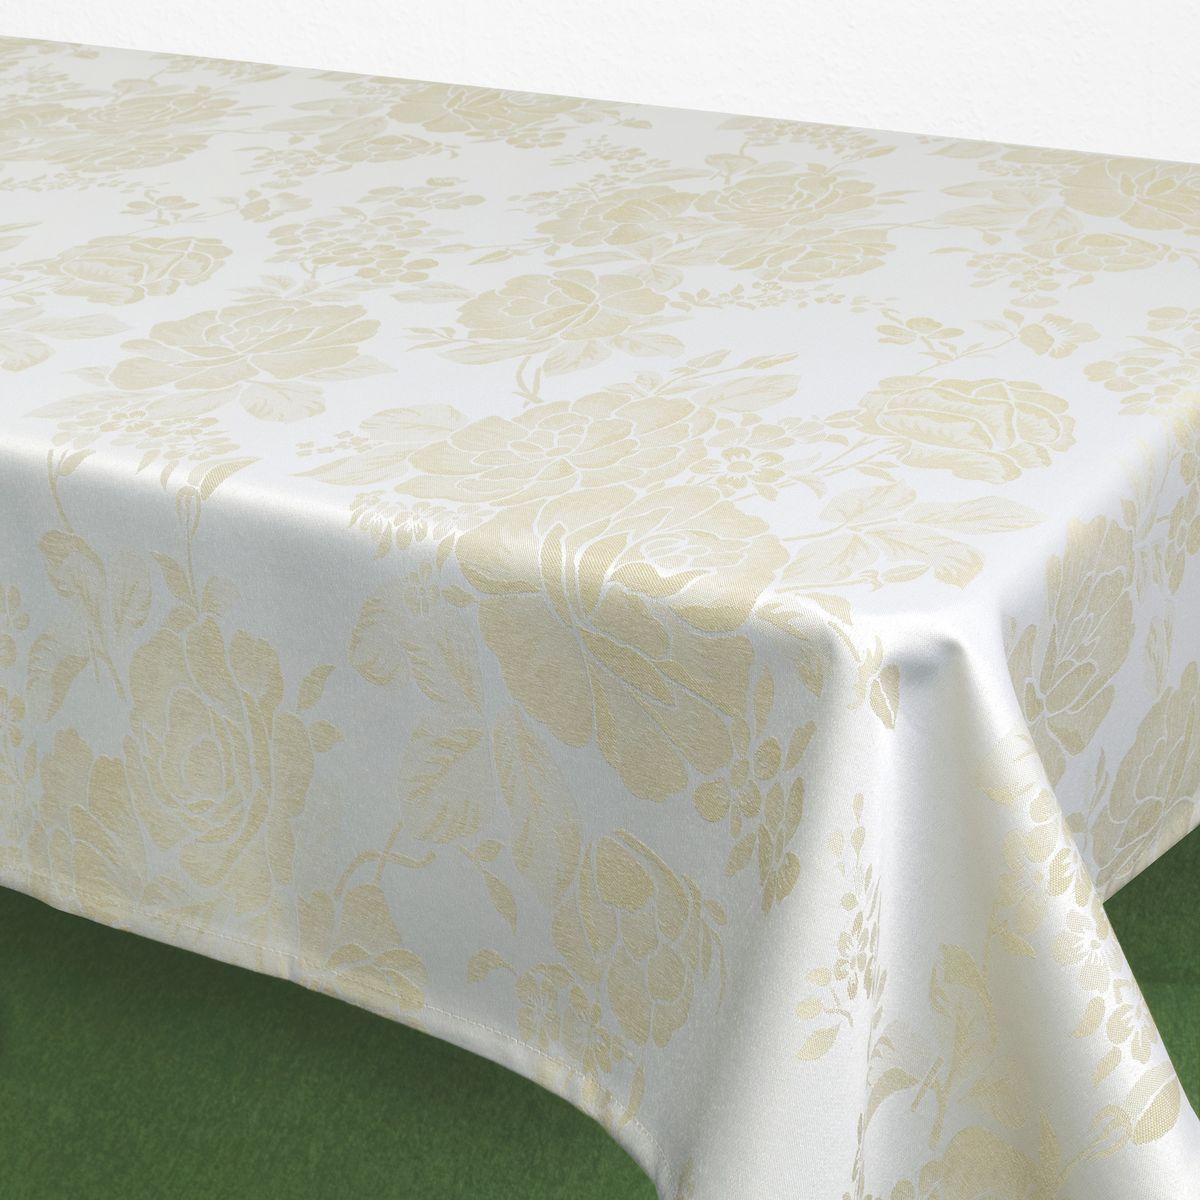 """Скатерть """"Schaefer"""", прямоугольная, цвет: белый, кремовый, 160 х 220 см. 07837-408"""